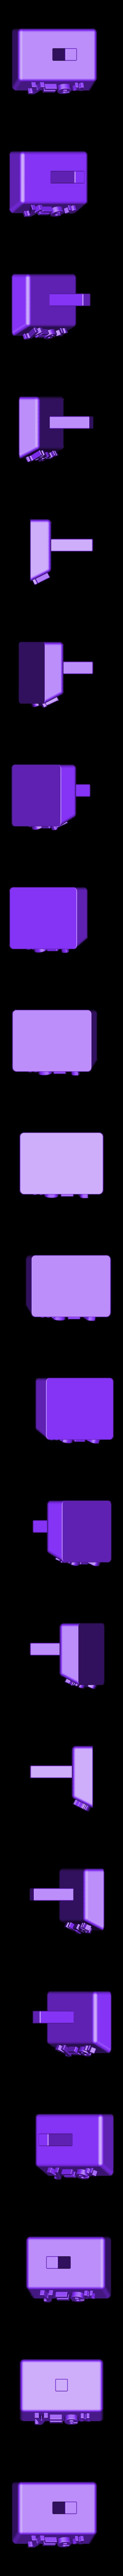 Function_Stickman_yex_bottom.stl Télécharger fichier STL gratuit Dancing Function Stickmen • Plan pour impression 3D, Chrisibub